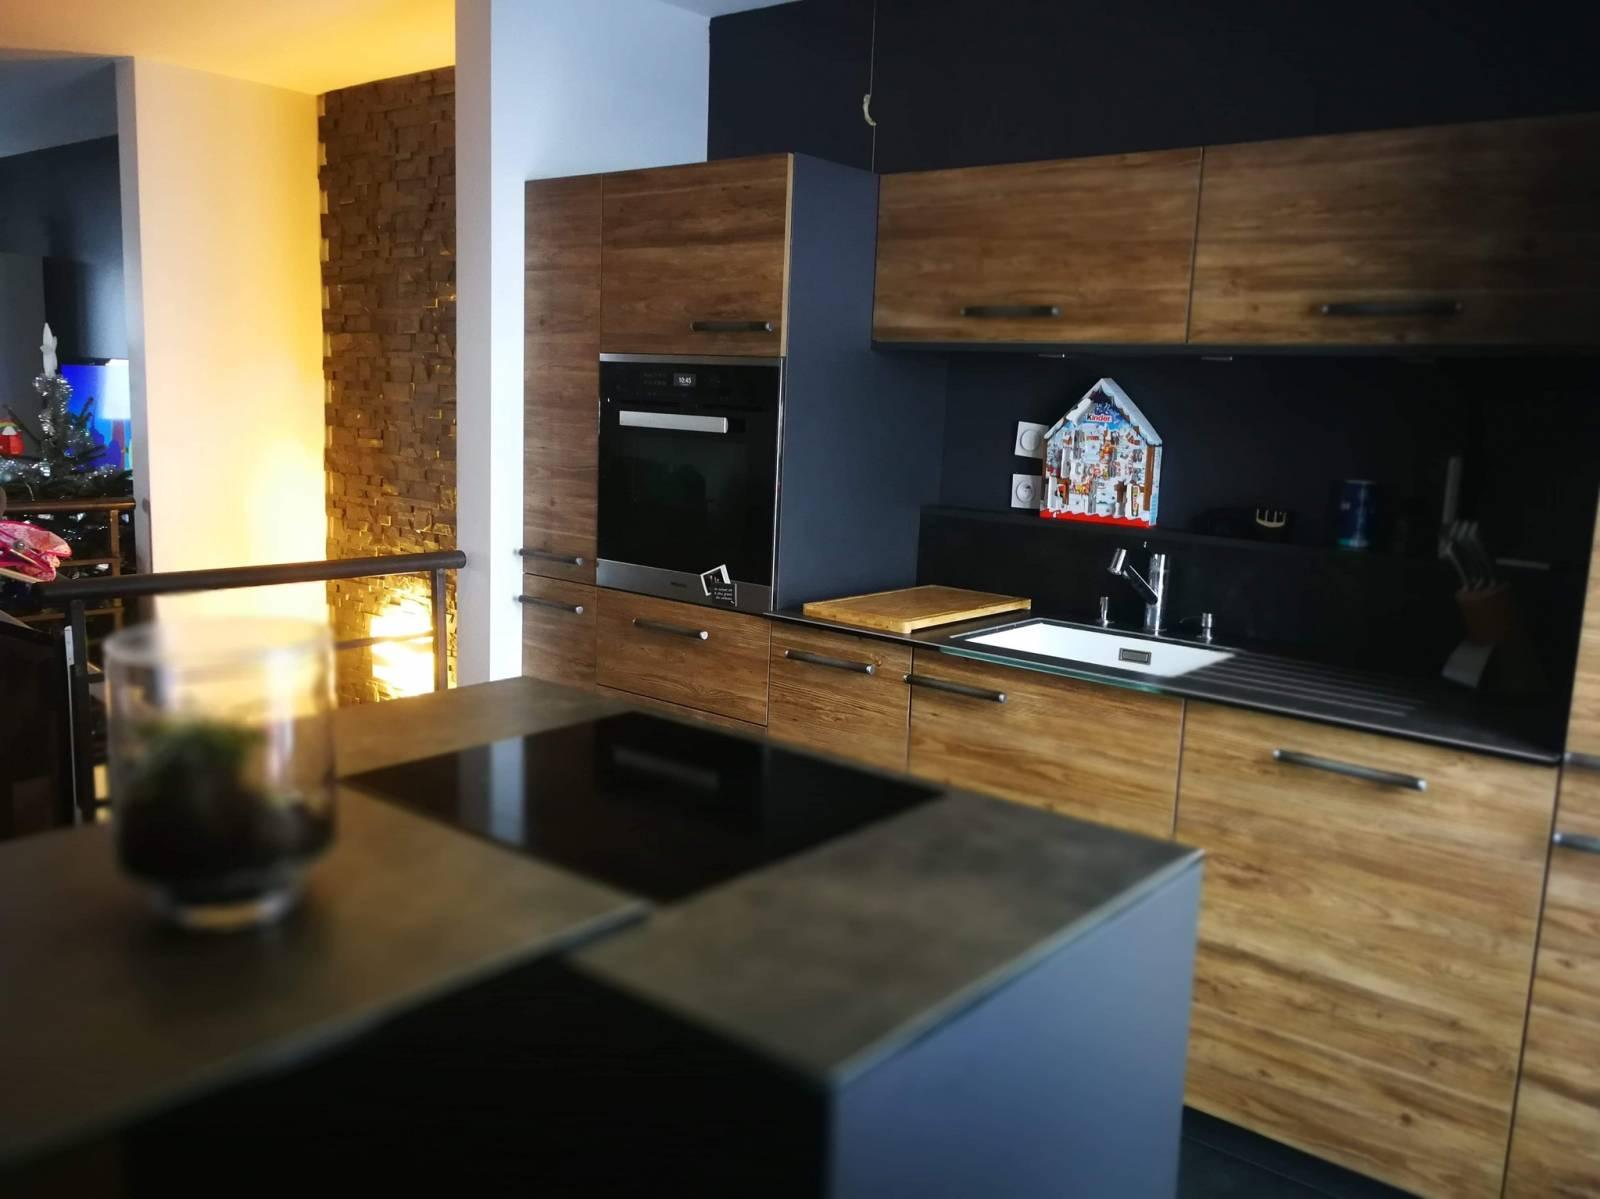 cuisines sur mesure lyon 6 cuisiniste haut de gamme lyon am nagement cuisine. Black Bedroom Furniture Sets. Home Design Ideas